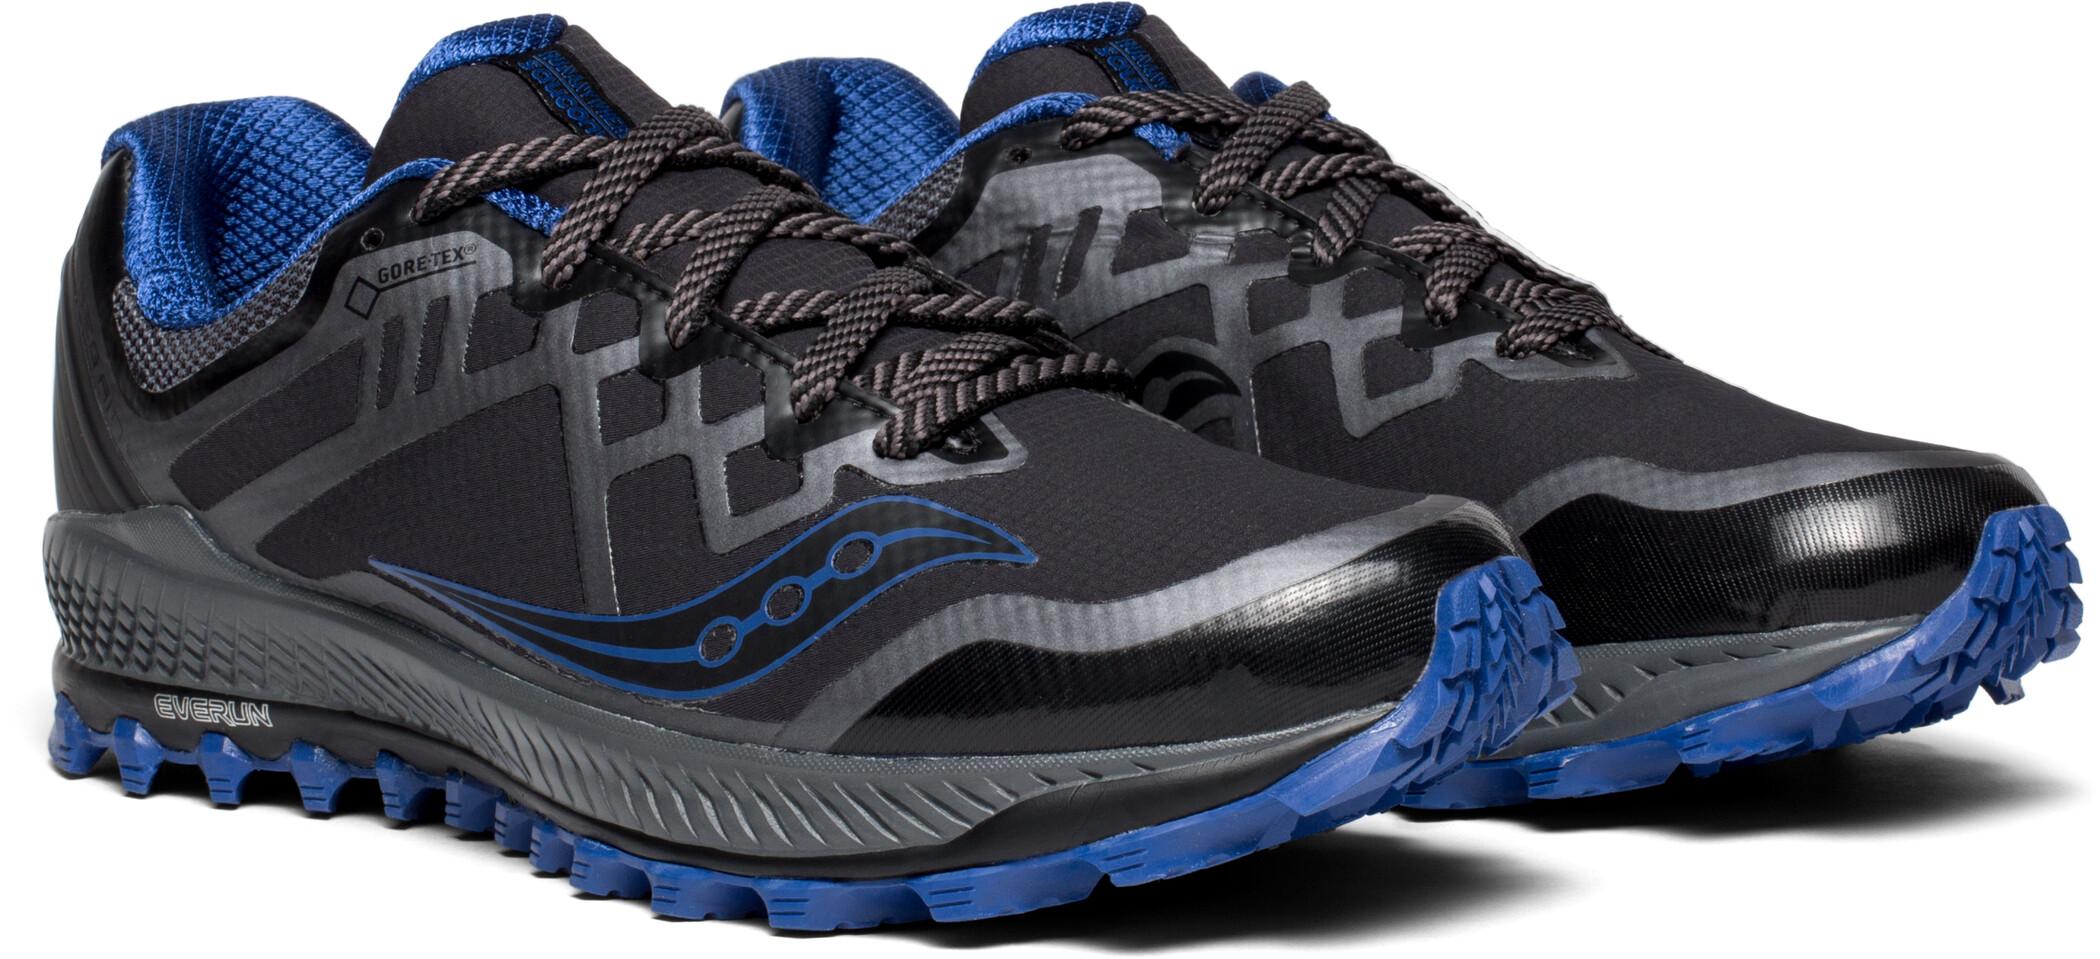 5a92a88afdd43a • Preisvergleich Besten Kaufen Blink Angebote Schuhe Die Online TJc3KlF1